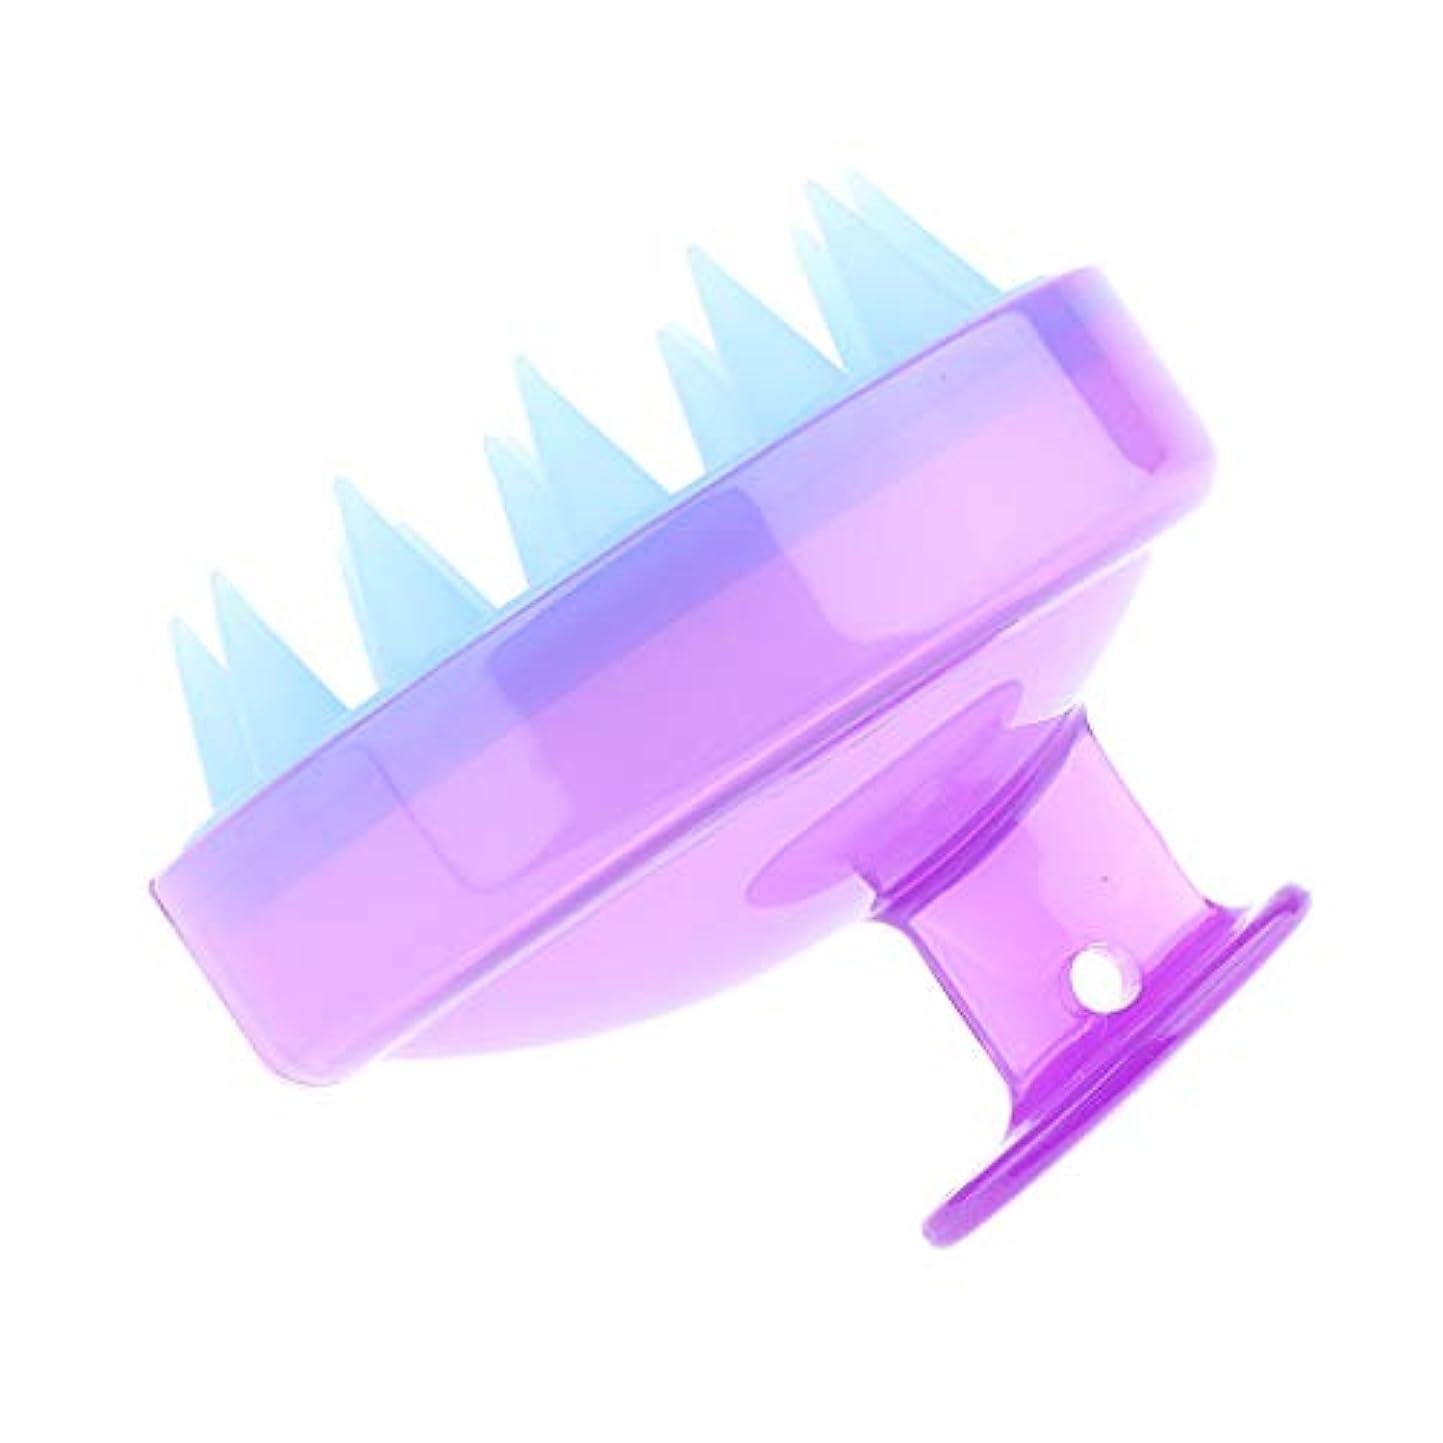 どこ未使用適合しましたシリコン シャワーシャンプーブラシ マッサージャー 防水 超軽量 多色選べ - クリアパープル